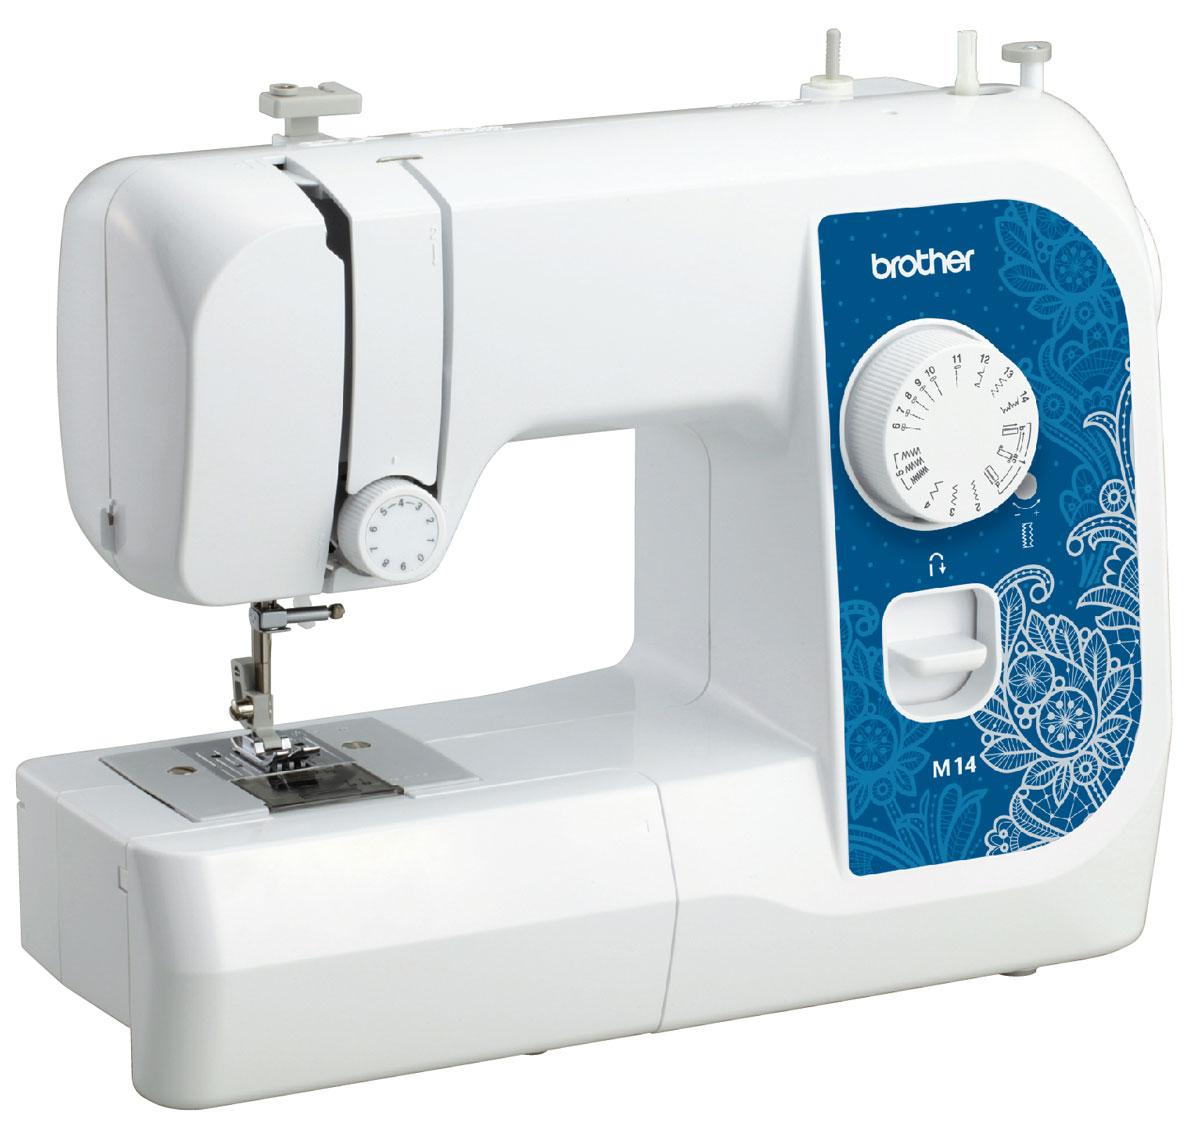 Brother M14 швейная машинаM14Машина Brother M14 идеально подходит для выполнения основных швейных операций при изготовлении и ремонте одежды. Эта надежная машина имеет традиционный набор функций, который необходим для шитья.